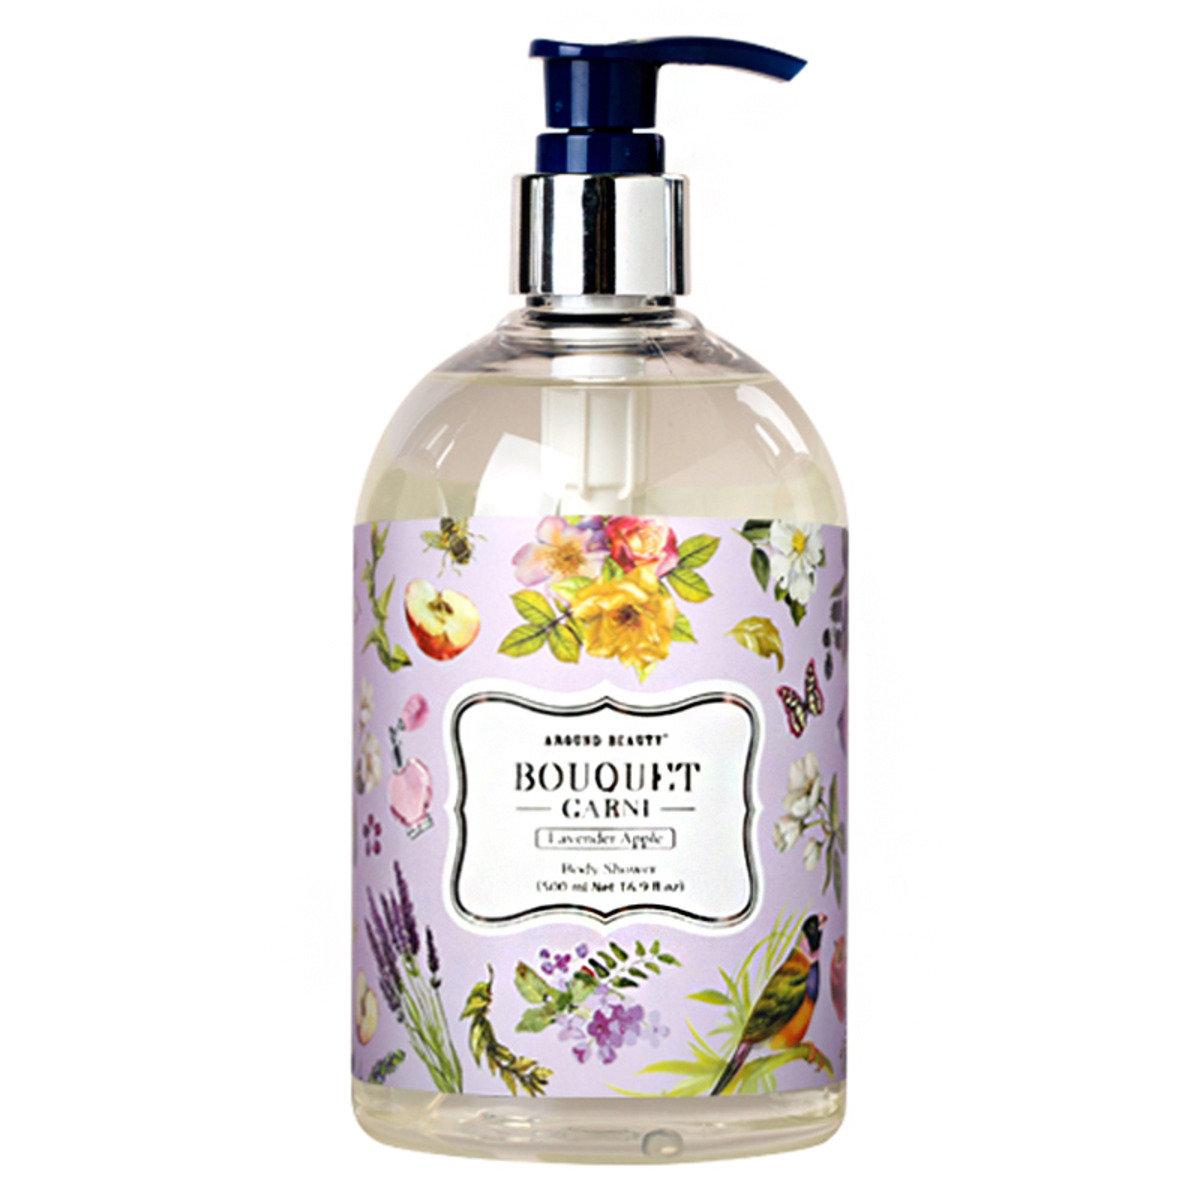 香氛沐浴露 Lavender Apple 500ml